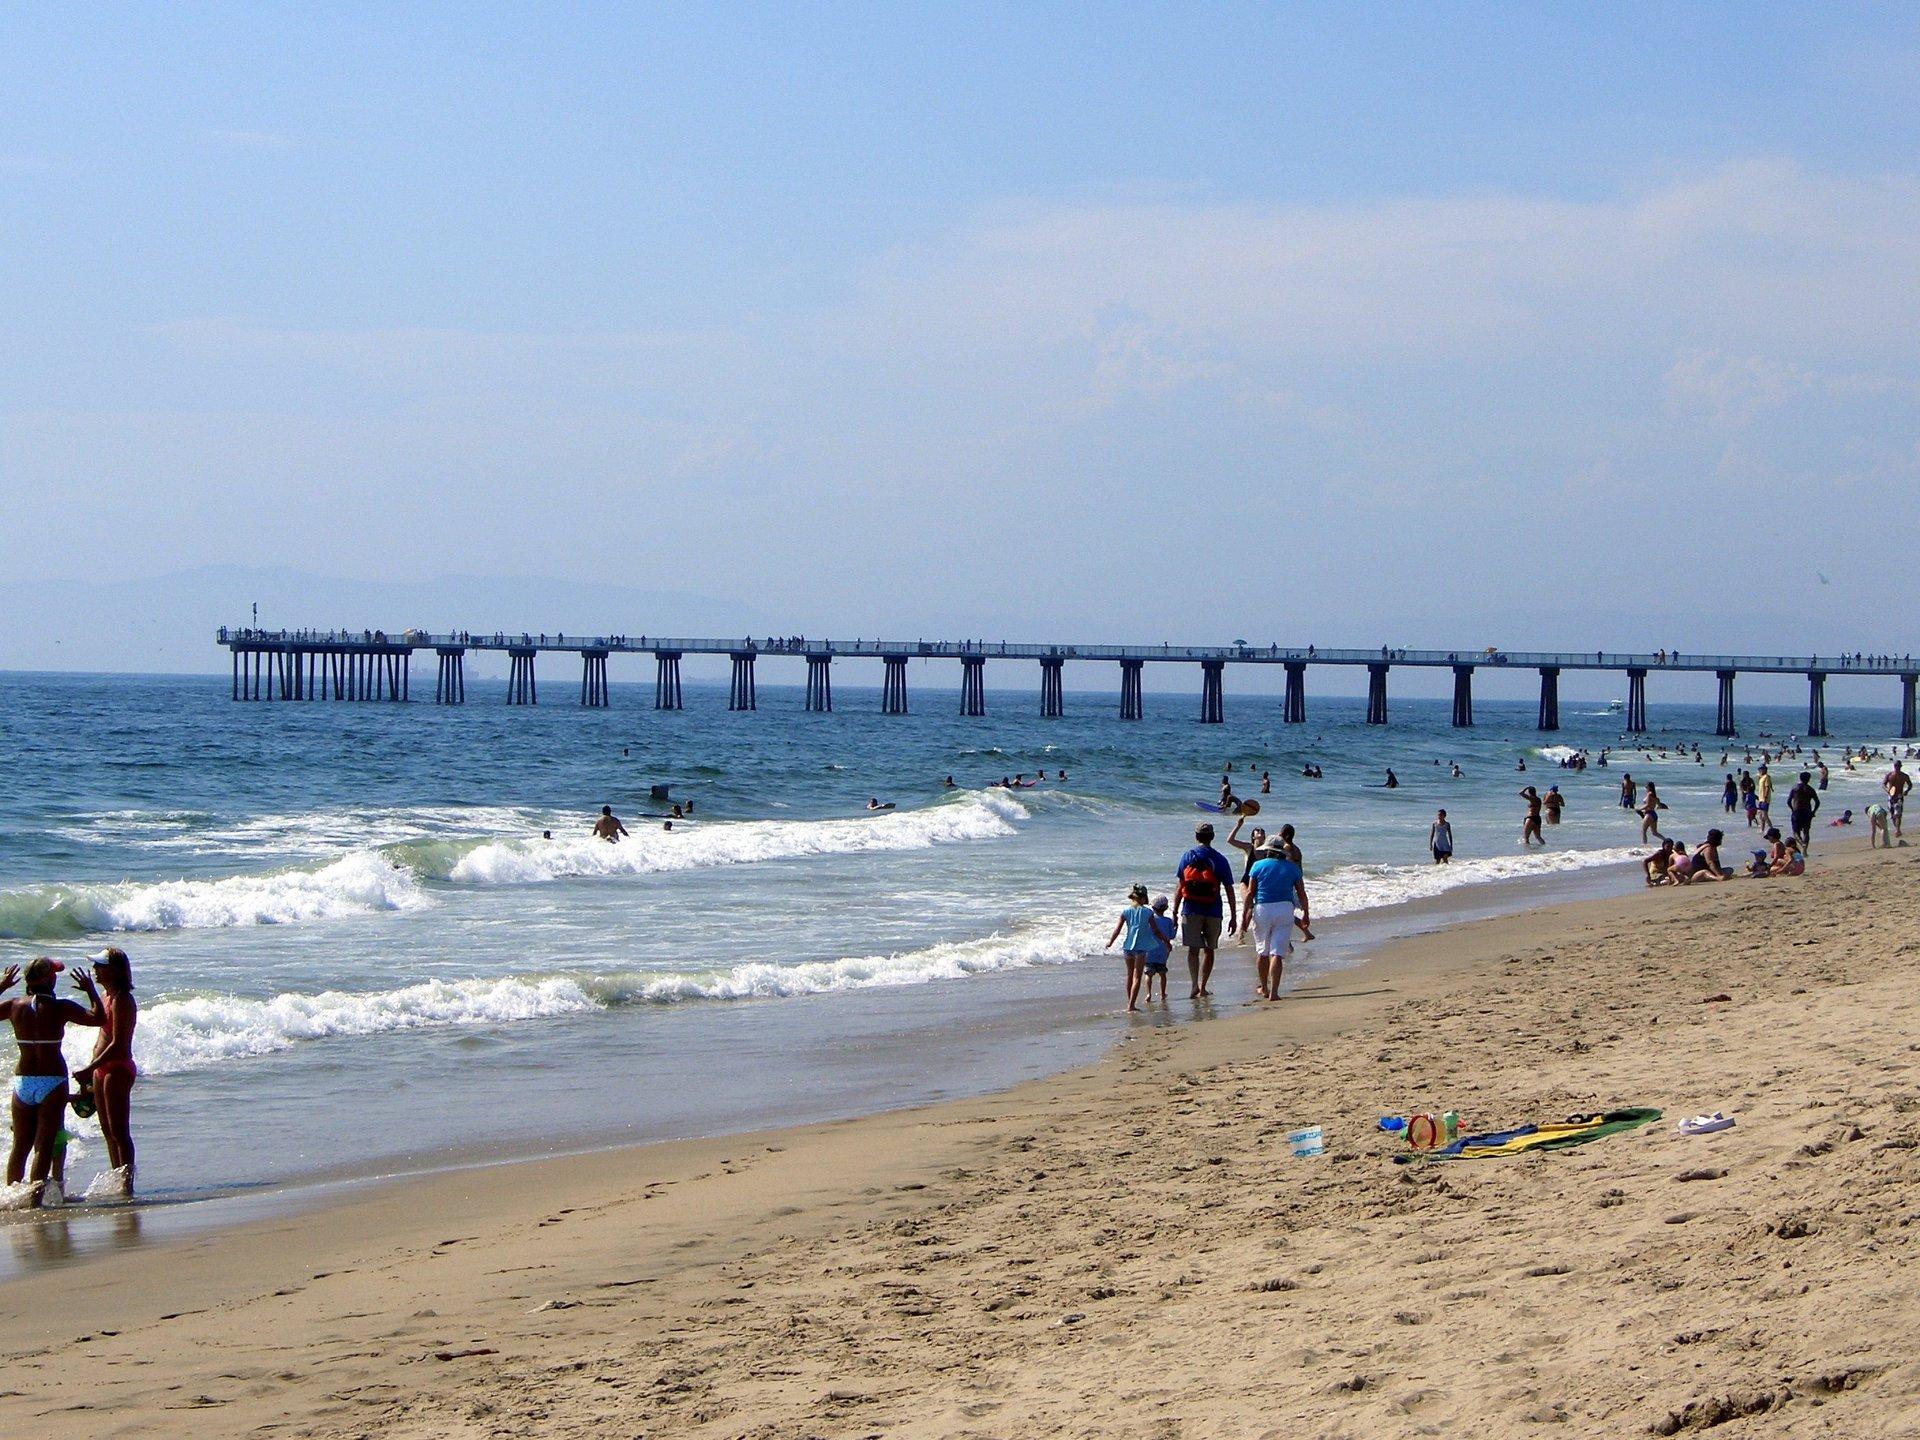 Hermosa Beach Los Angeles Wallpaper 1099425 Fanpop